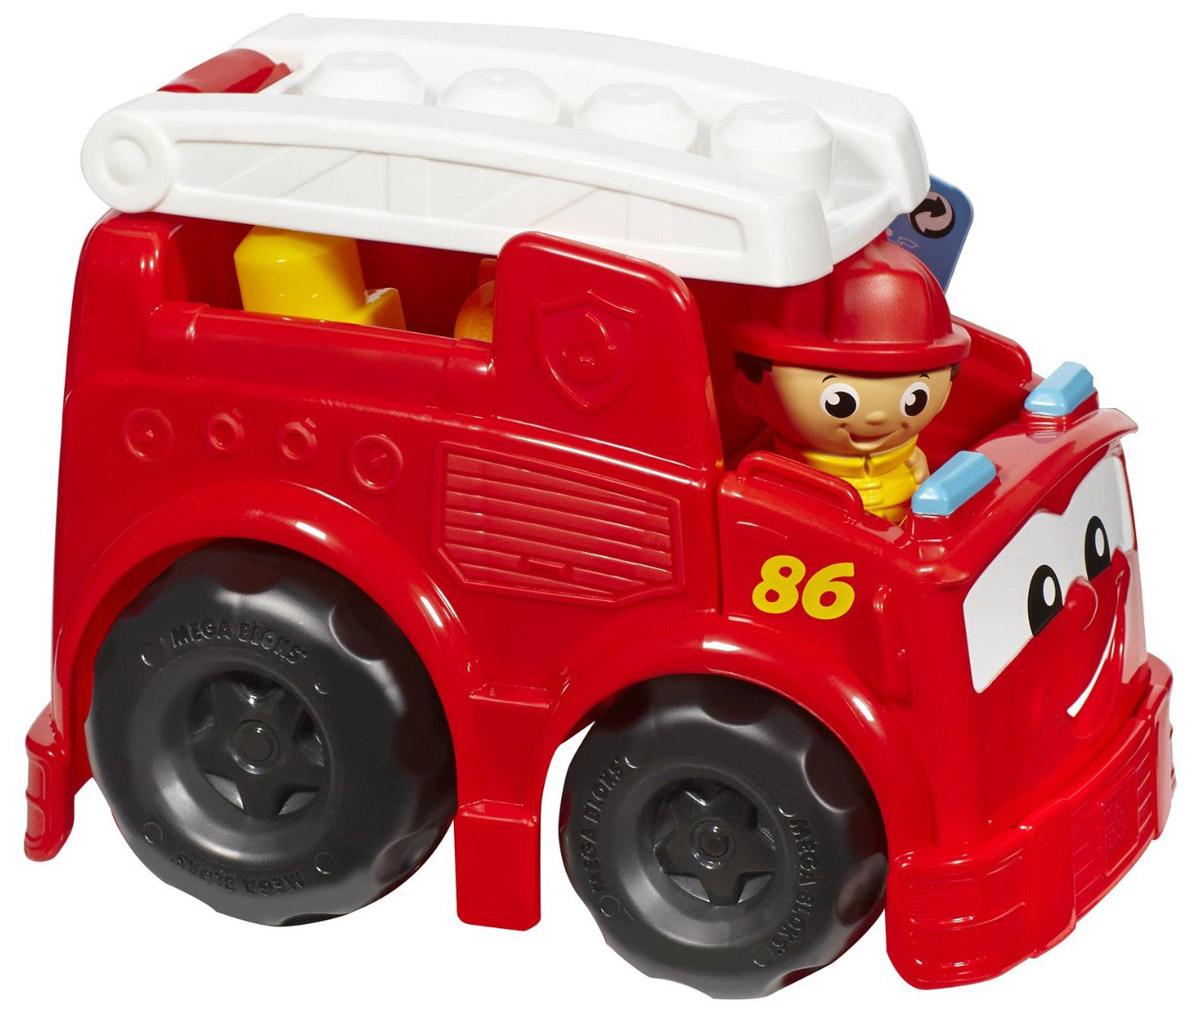 Mega Bloks First Builders Конструктор Пожарная машина ФреддиCND62_CND63Конструктор Mega Bloks First Builders Пожарная машина Фредди привлечет внимание вашего ребенка и не позволит ему скучать. Он включает в себя пожарную машину, фигурку пожарного и элементы конструктора. У пожарной машинки поднимается и опускается лестница. На лестнице легко фиксируется фигурка пожарного. Элементы конструктора крупные, их удобно брать и держать маленькими детскими ручками. Они легко соединяются и разъединяются. Ваш ребенок часами будет играть с набором, придумывая разные истории. Совместим со всеми наборами Mega Bloks First Builders.